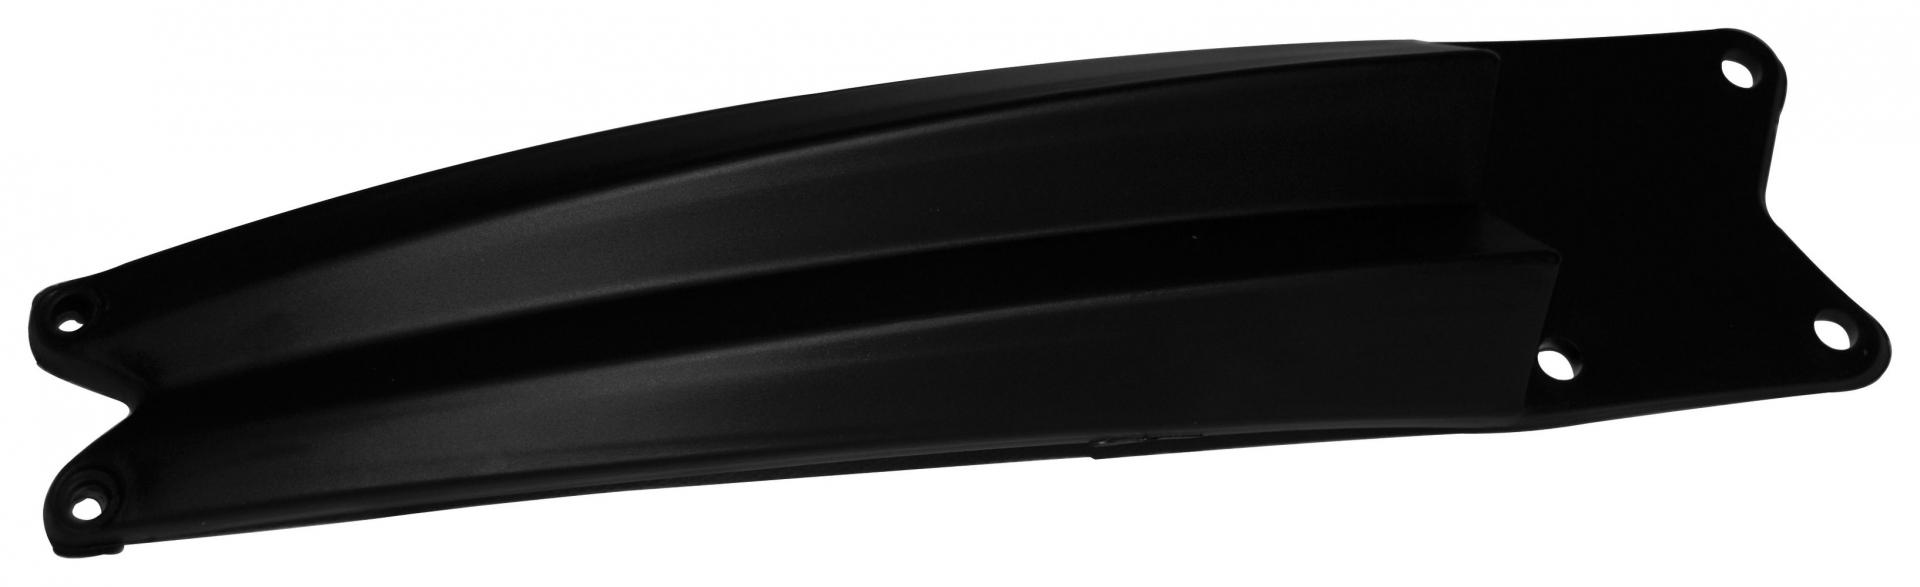 Rigidificateur de garde boue avant Racetech noir pour Husqvarna CR 125